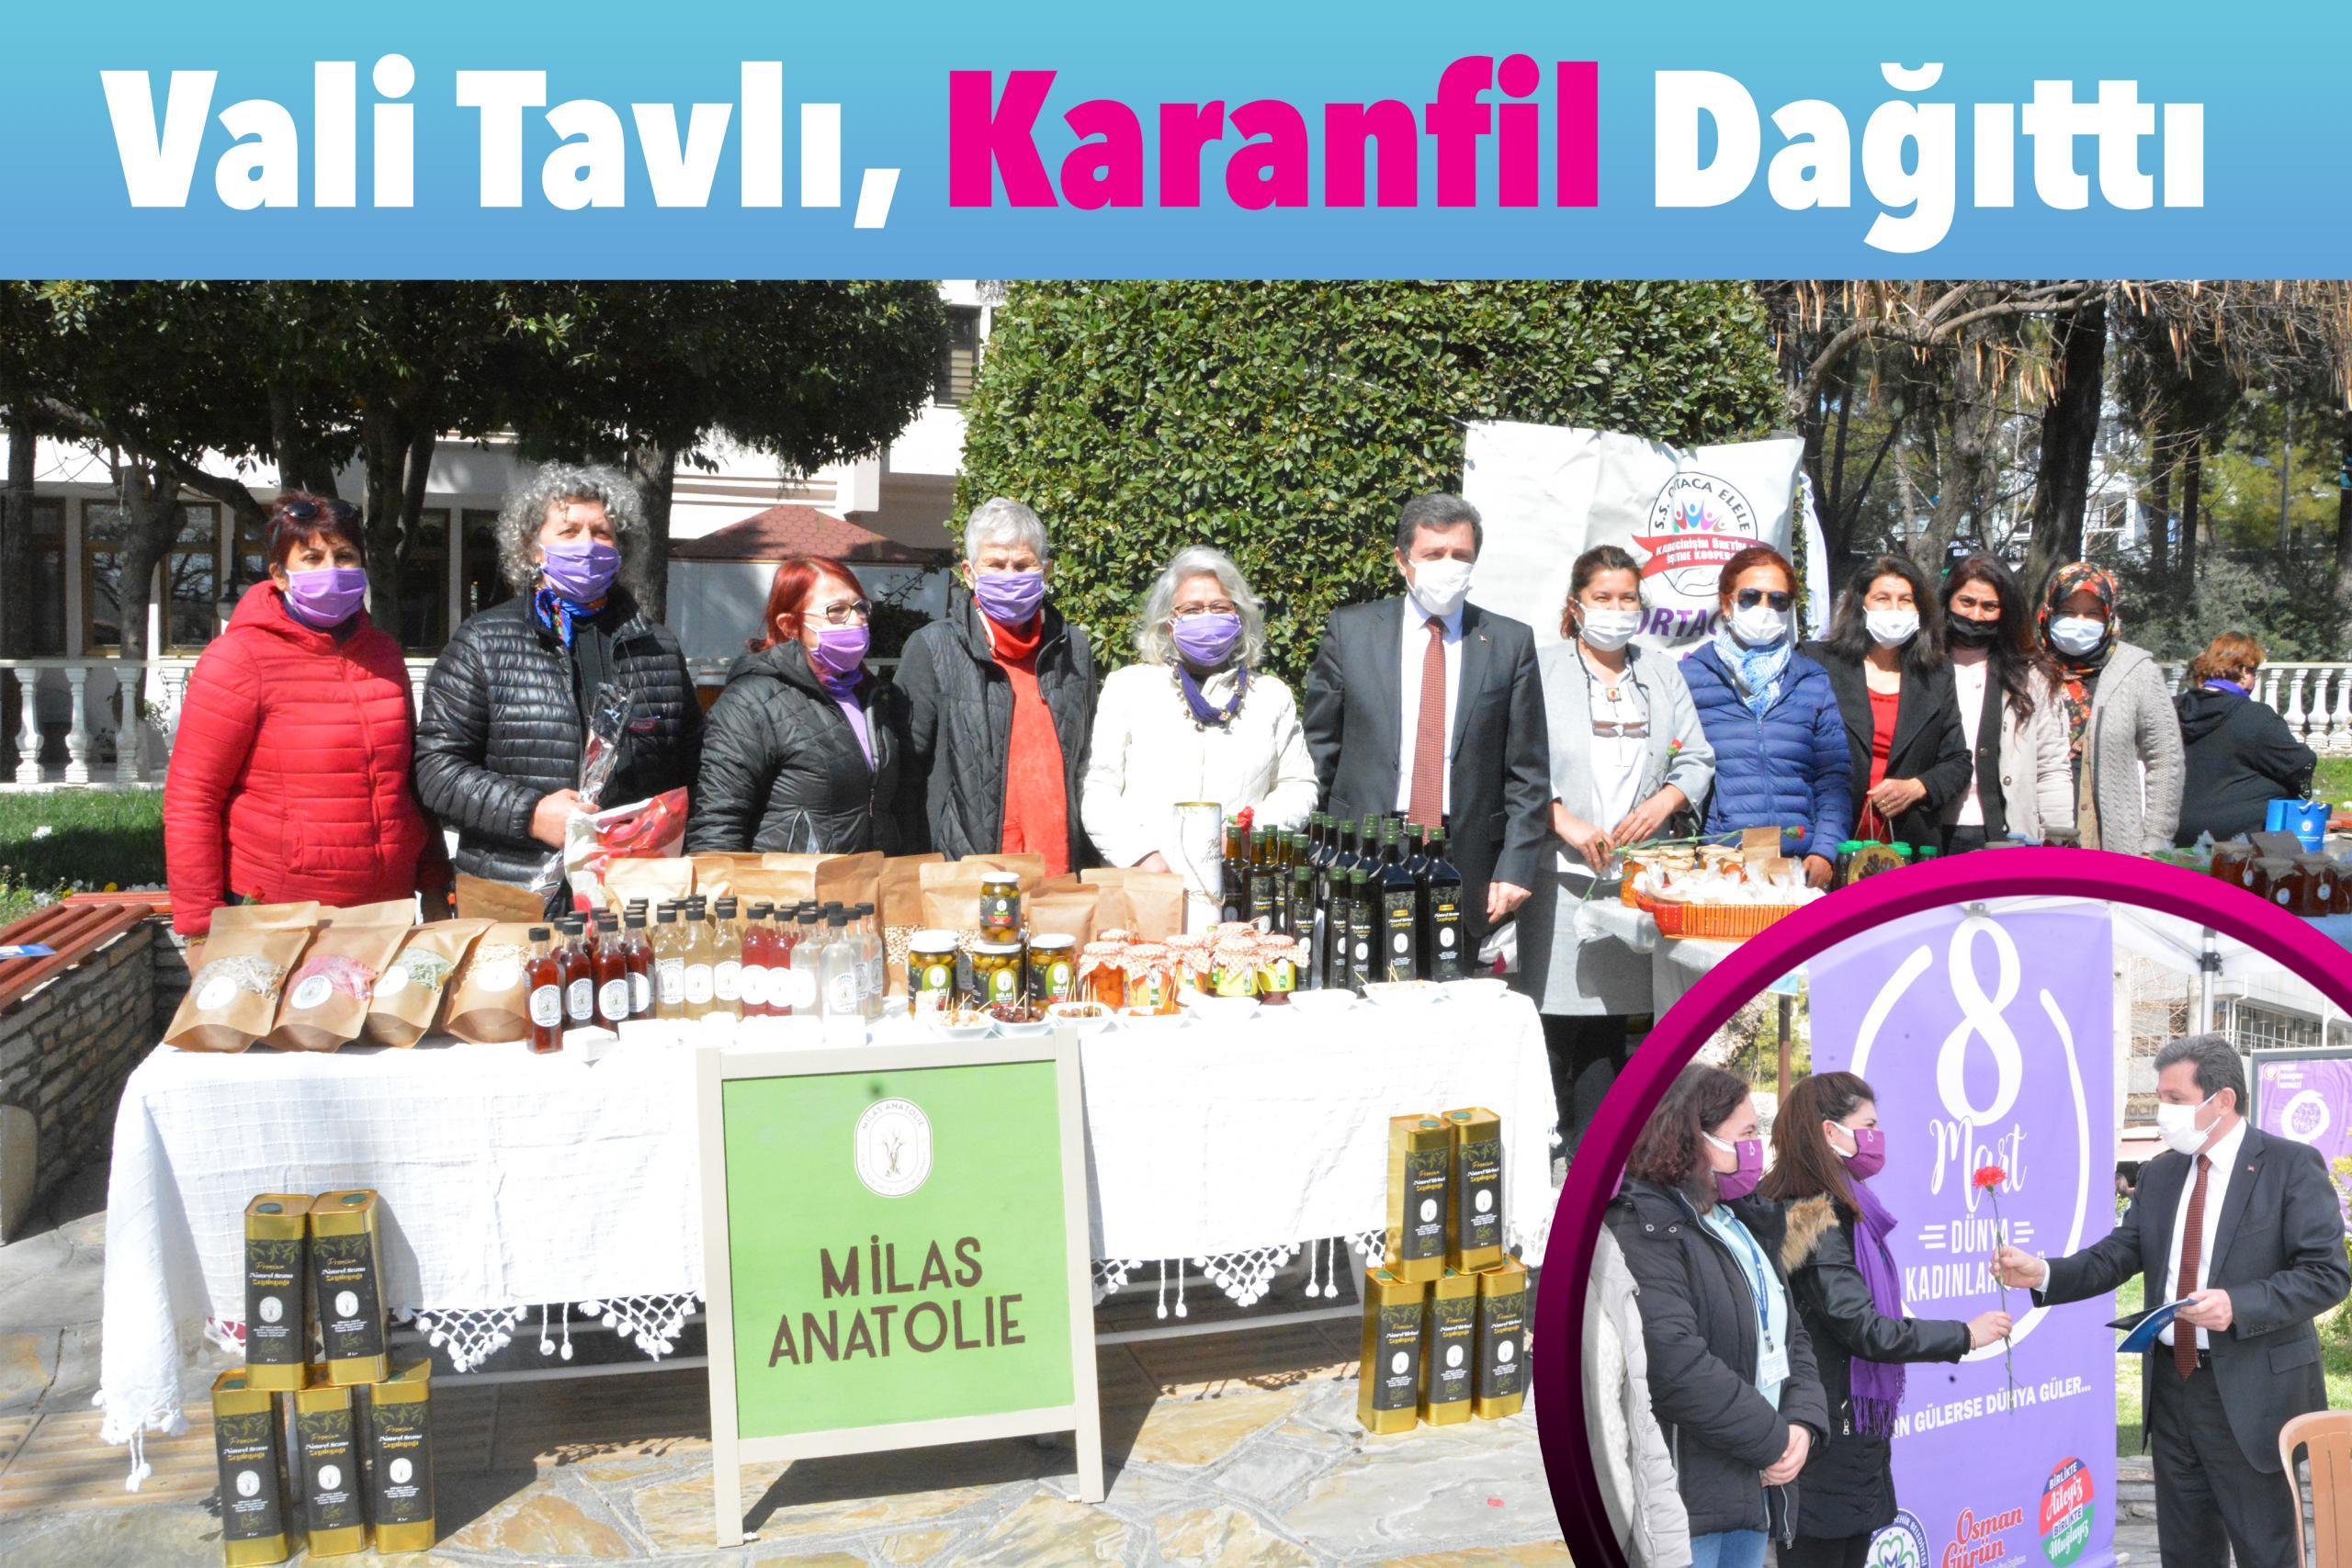 Vali Tavlı, Karanfil Dağıttı